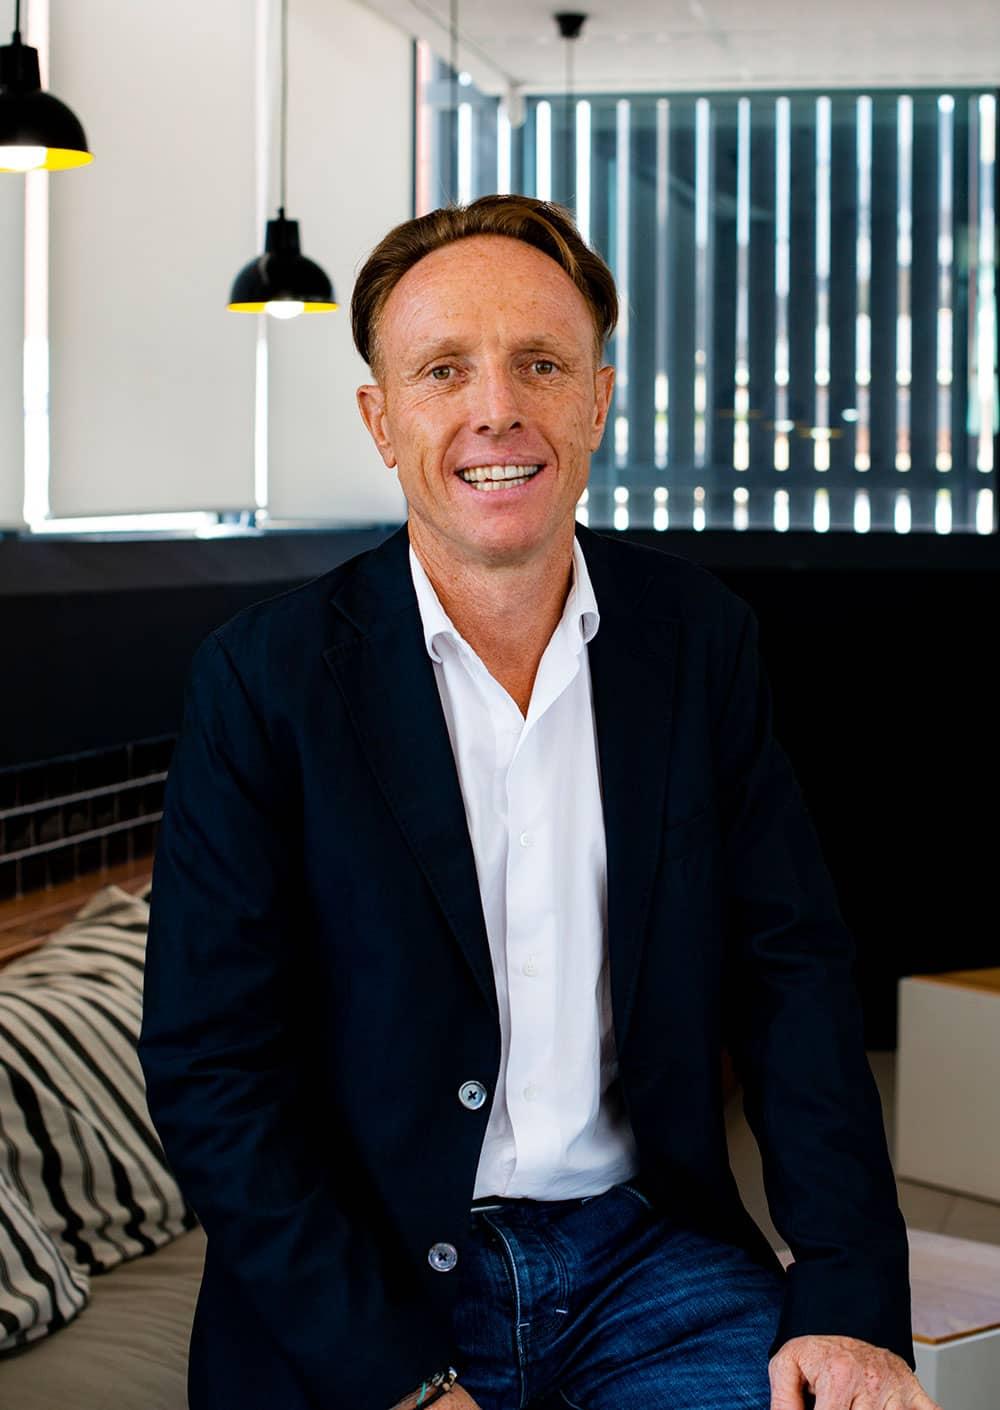 Travel Booking Platform Specialist Martijn Mellmart -e.DMC